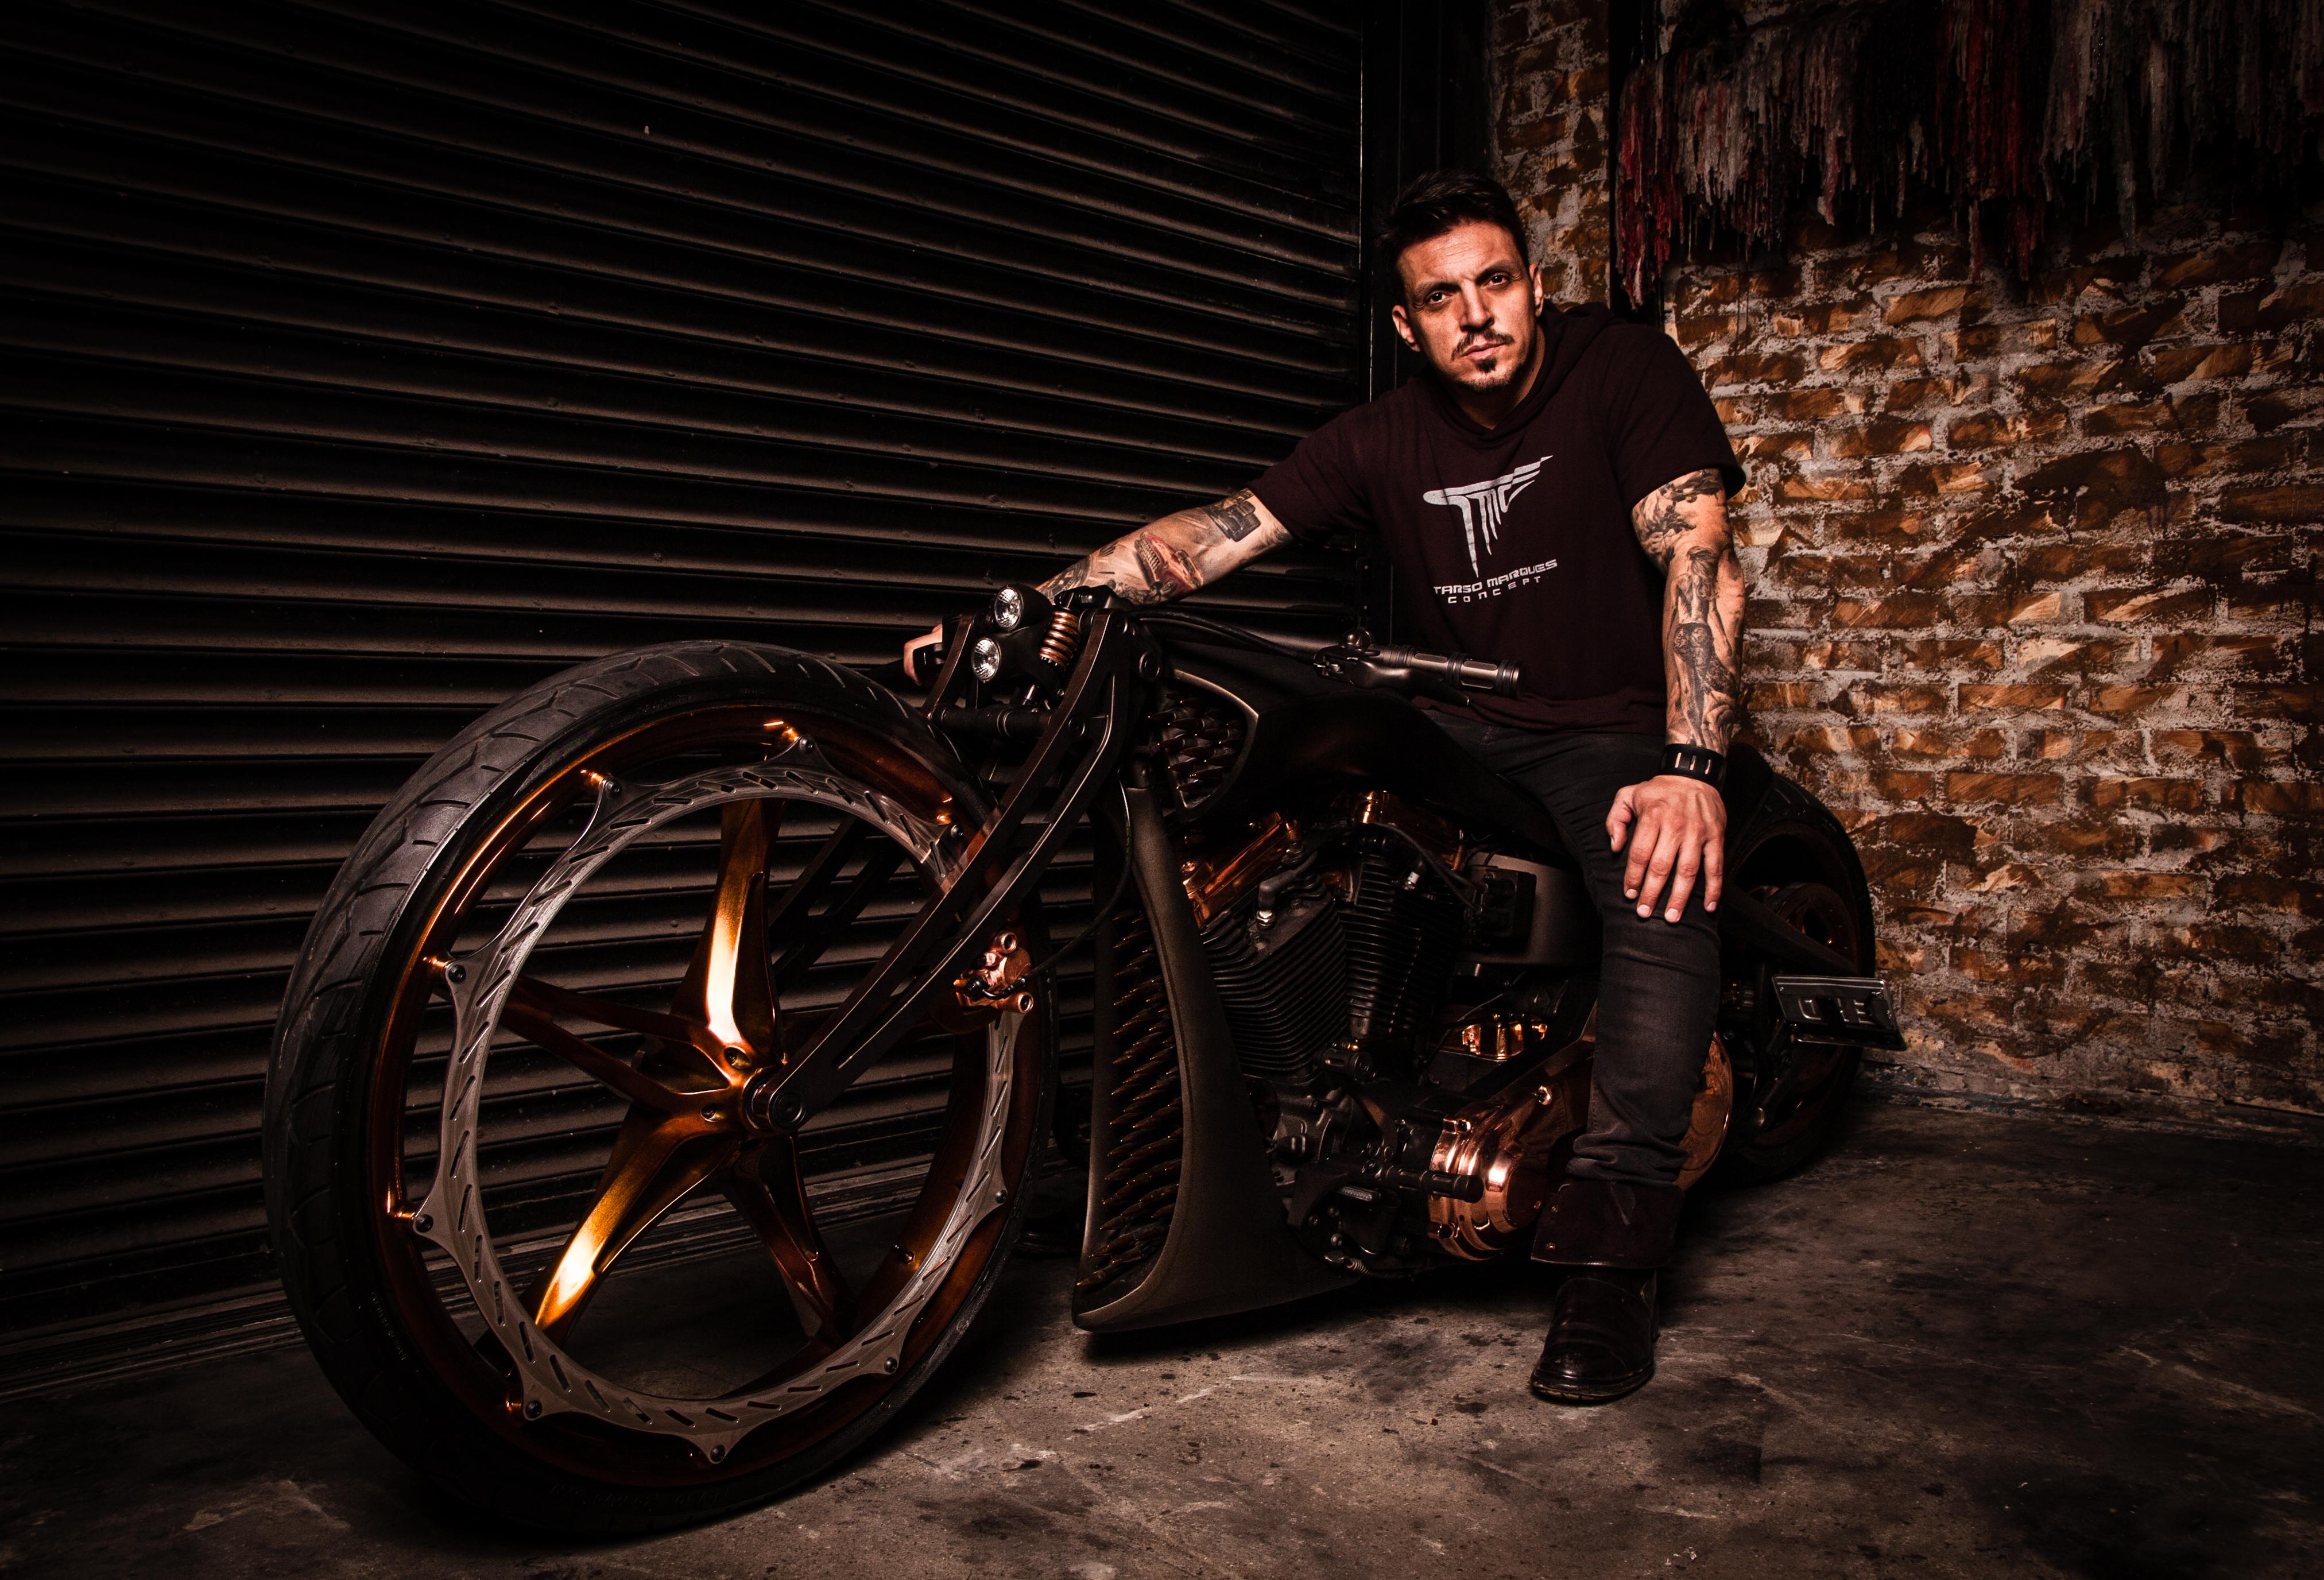 impressao 3d na oficina tmc tarso marques concept tarso na moto